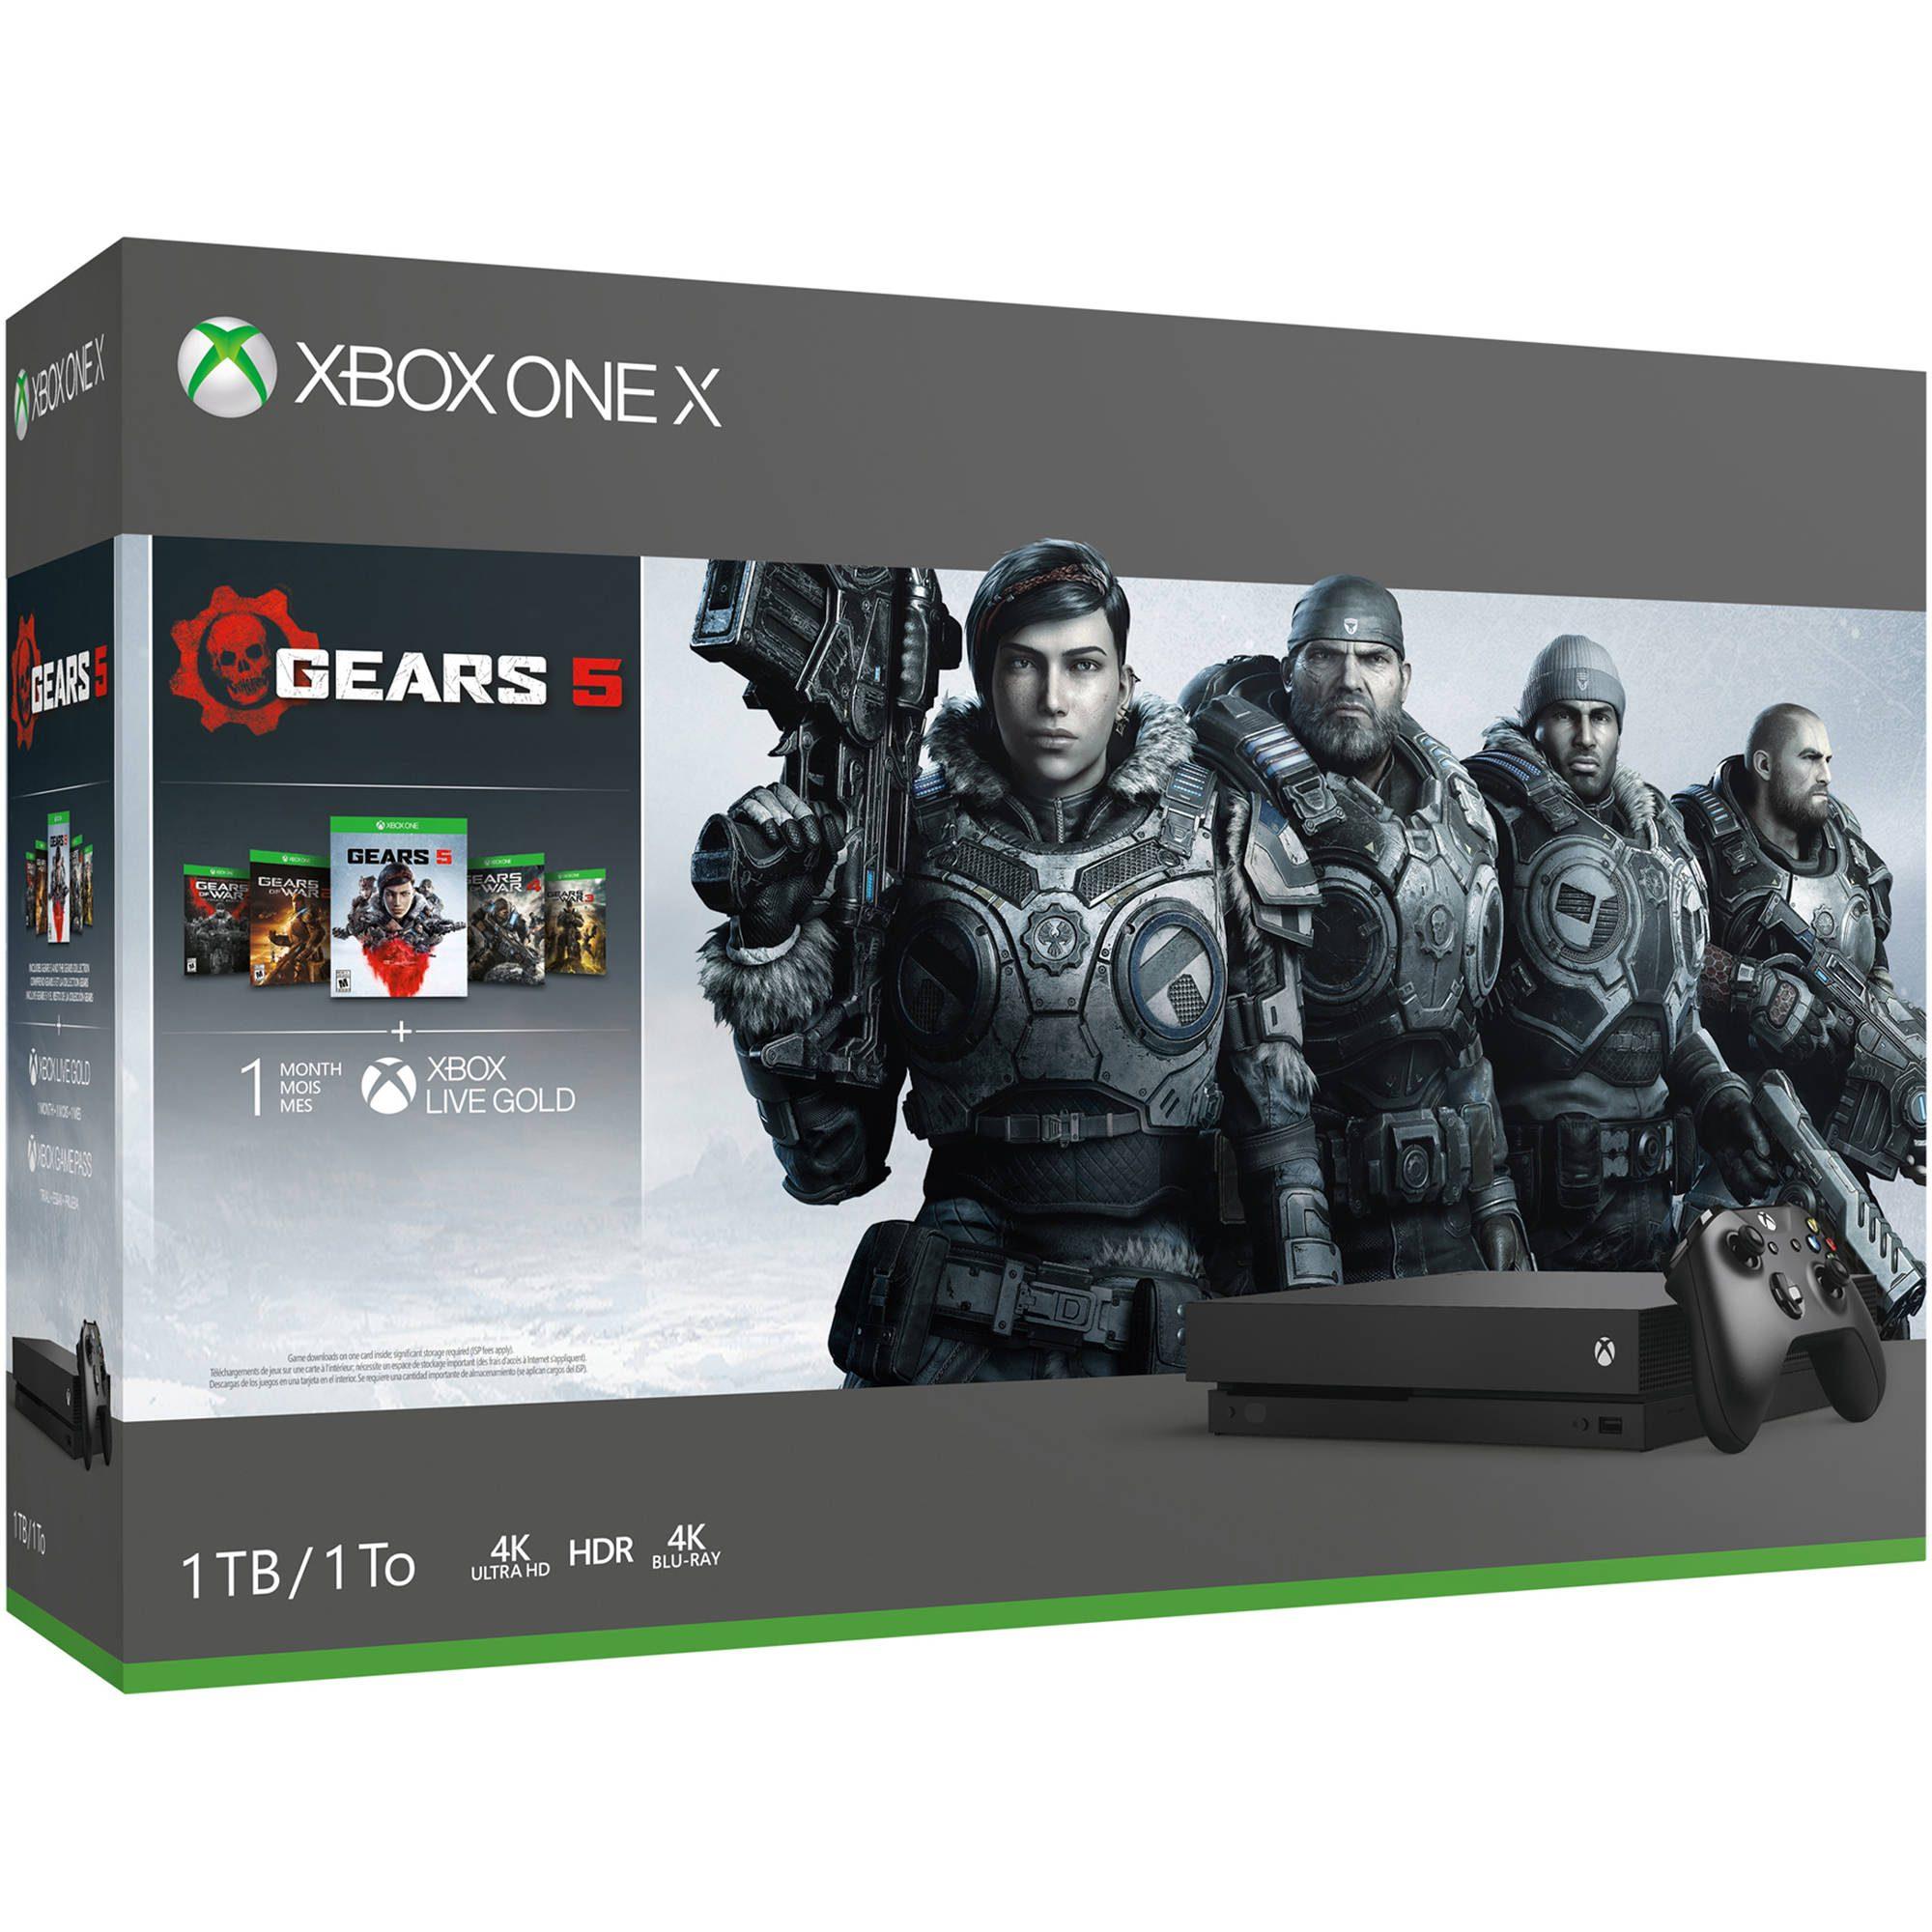 Los paquetes de Xbox One X ahora tienen un descuento de $ 100 en Microsoft Store 64